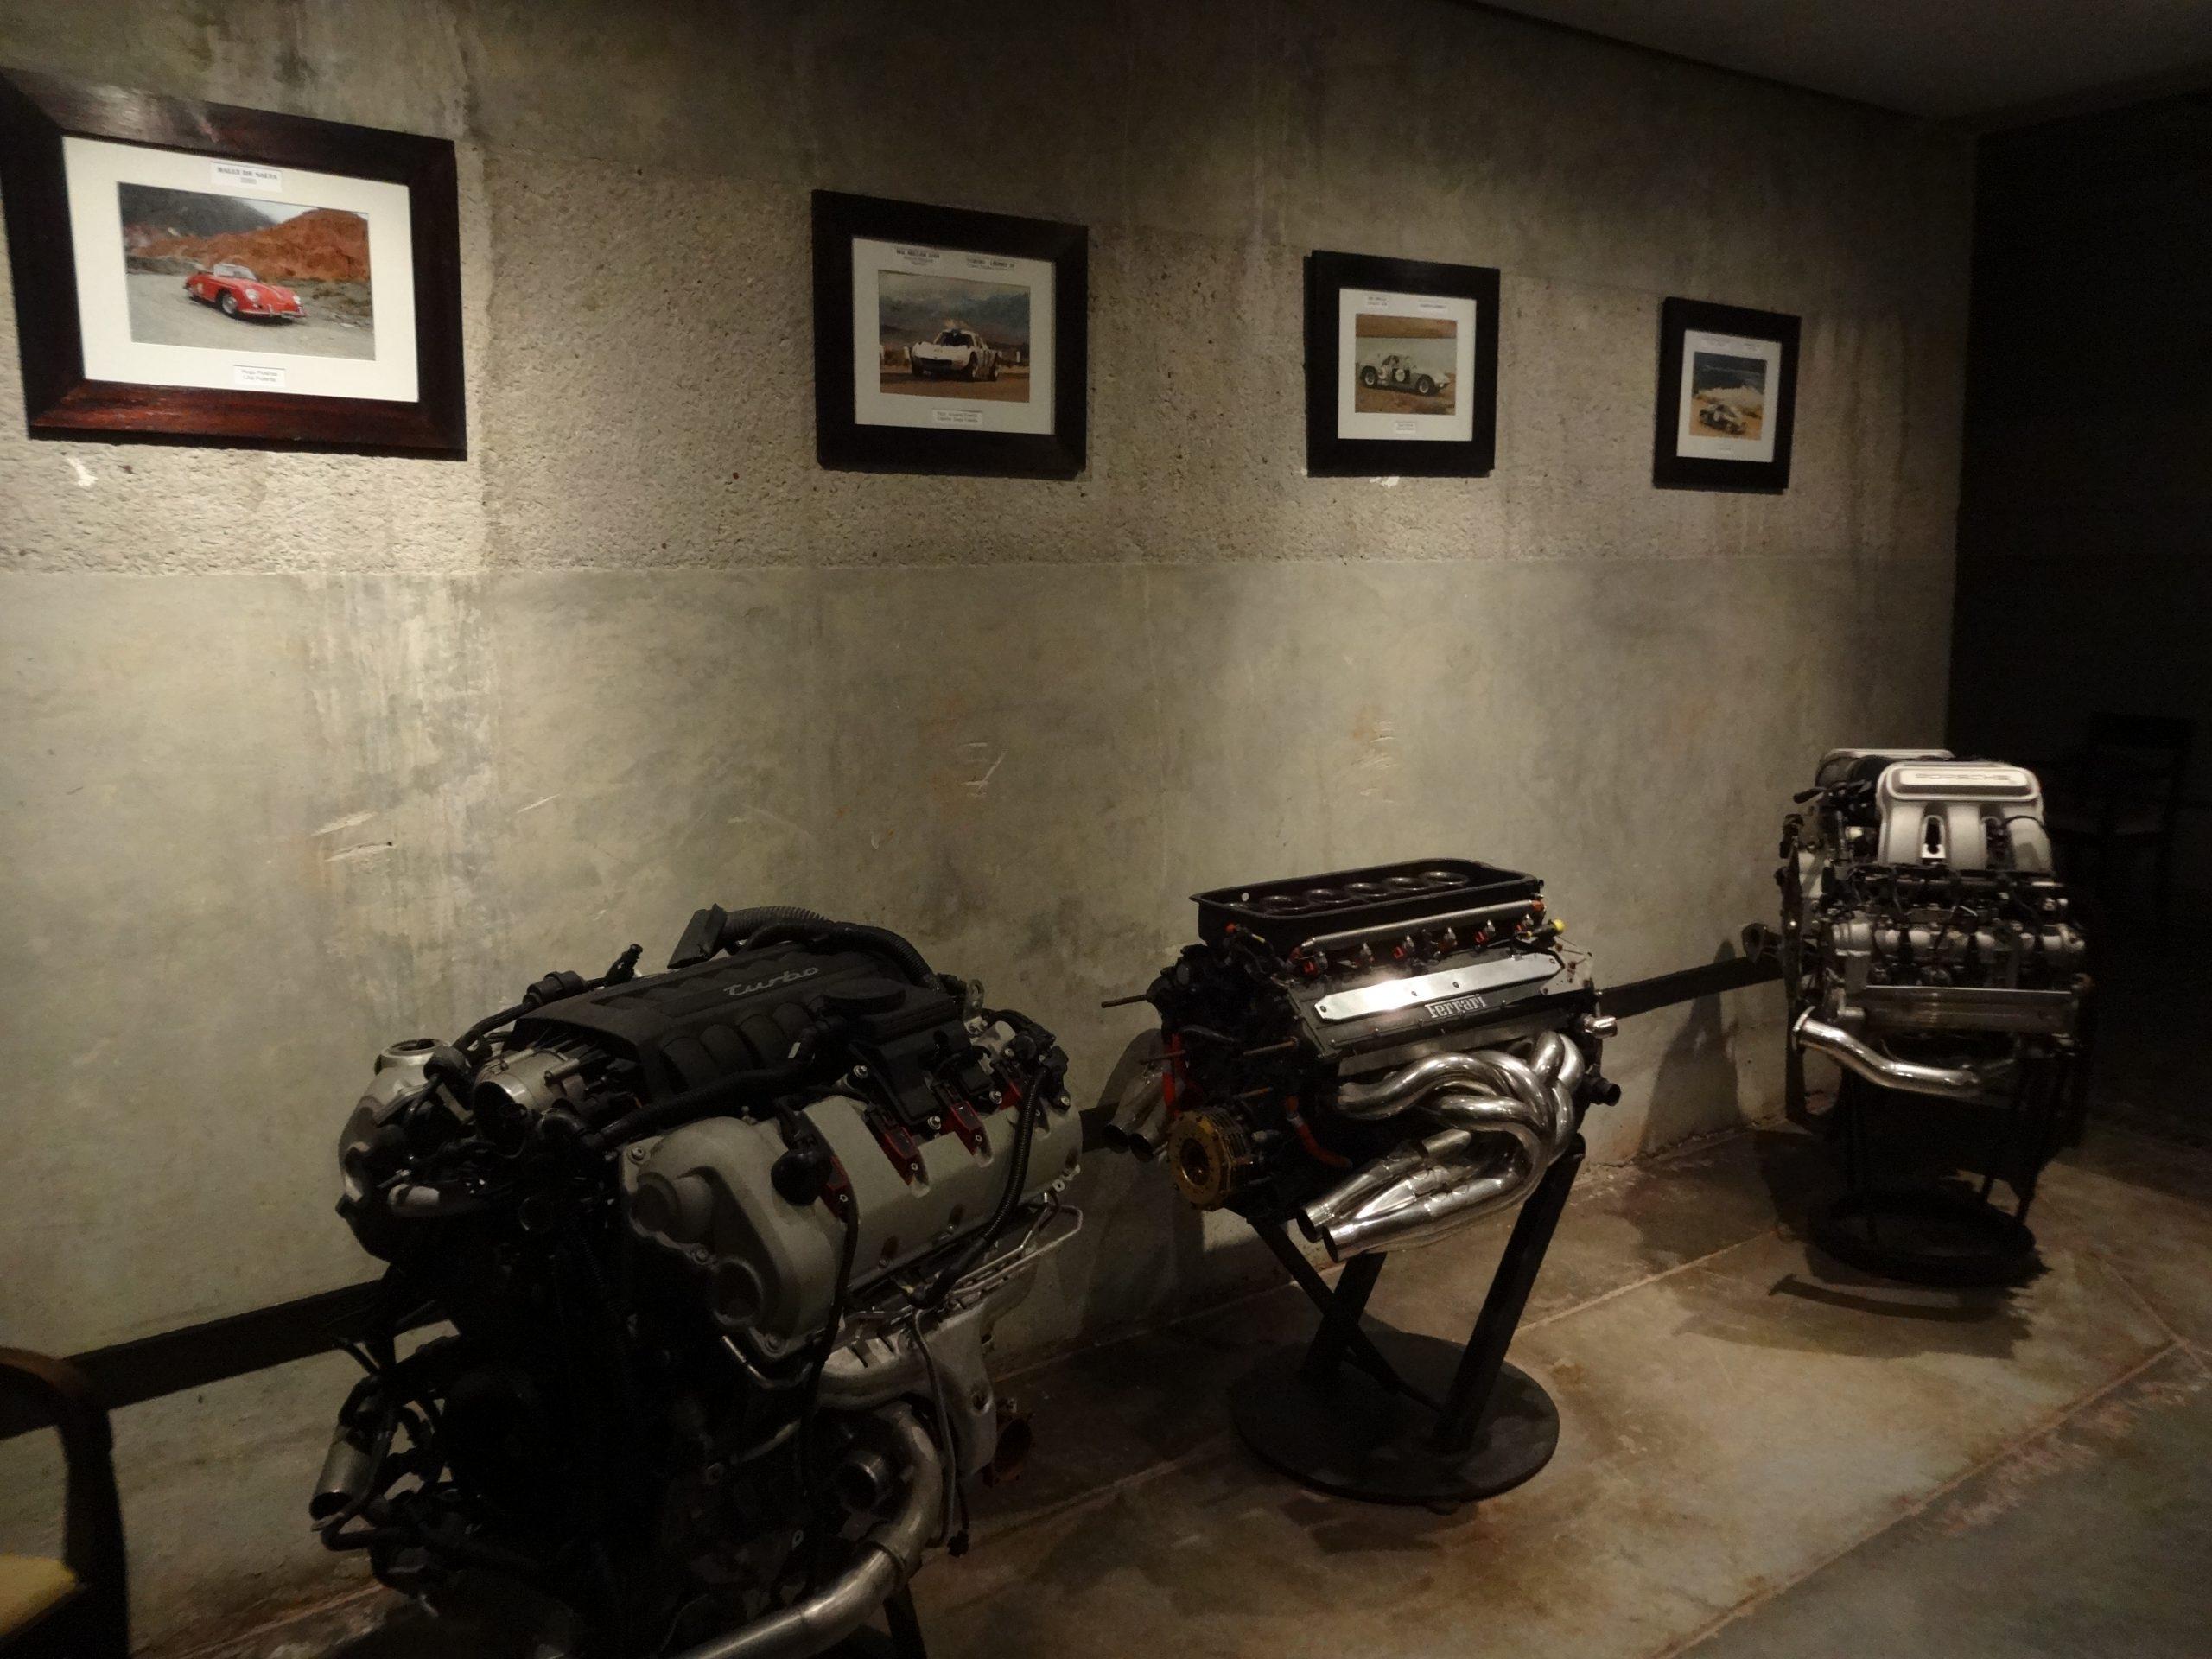 motores-pulenta-estate